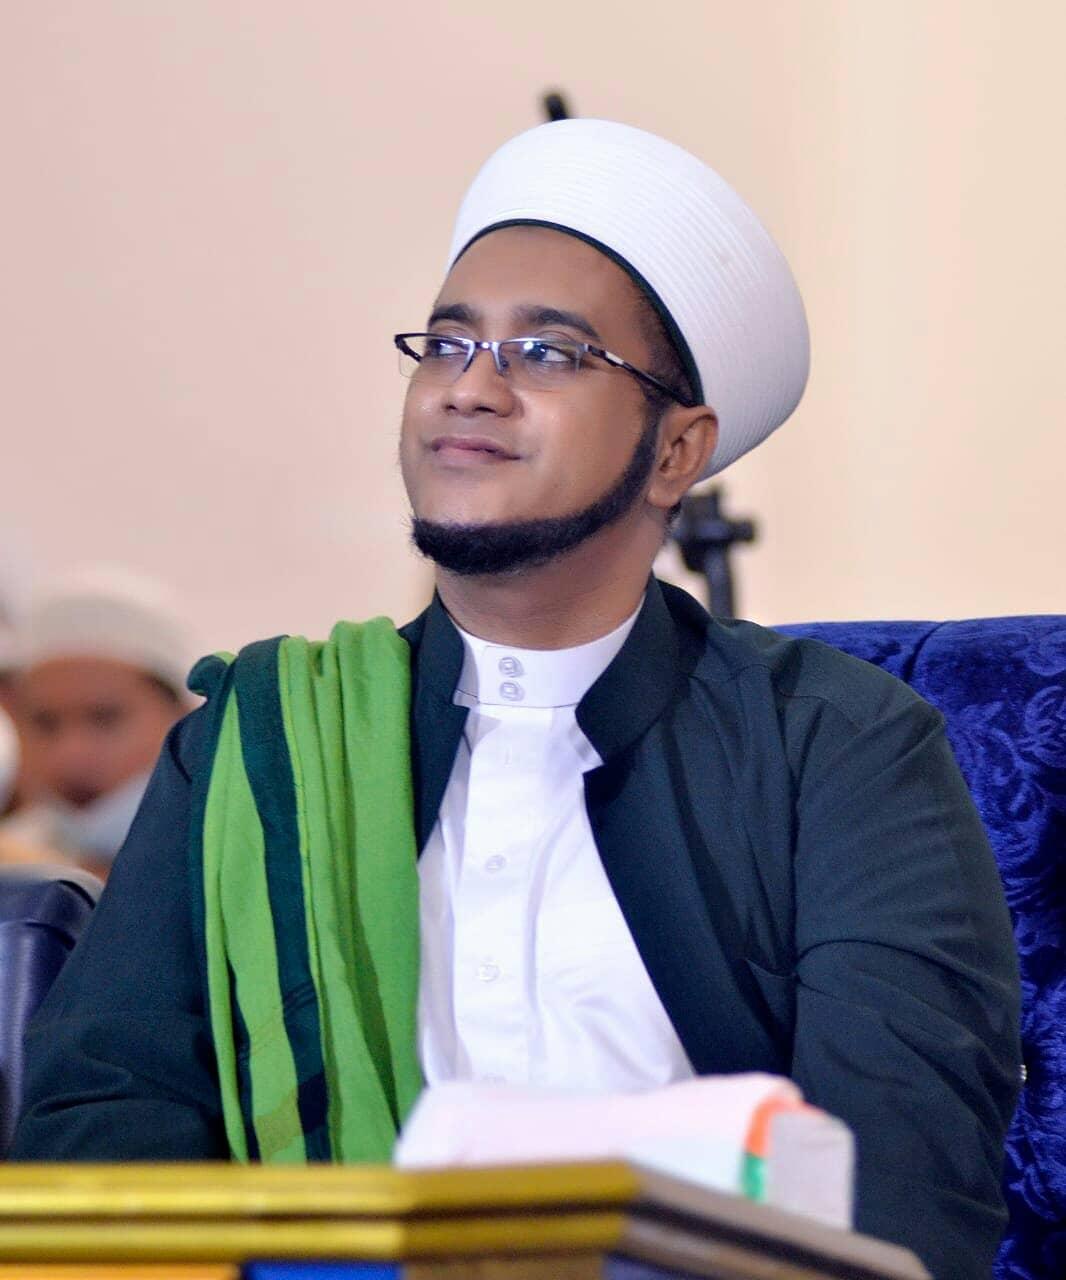 Download Wallpaper Habib Hasan 2702211